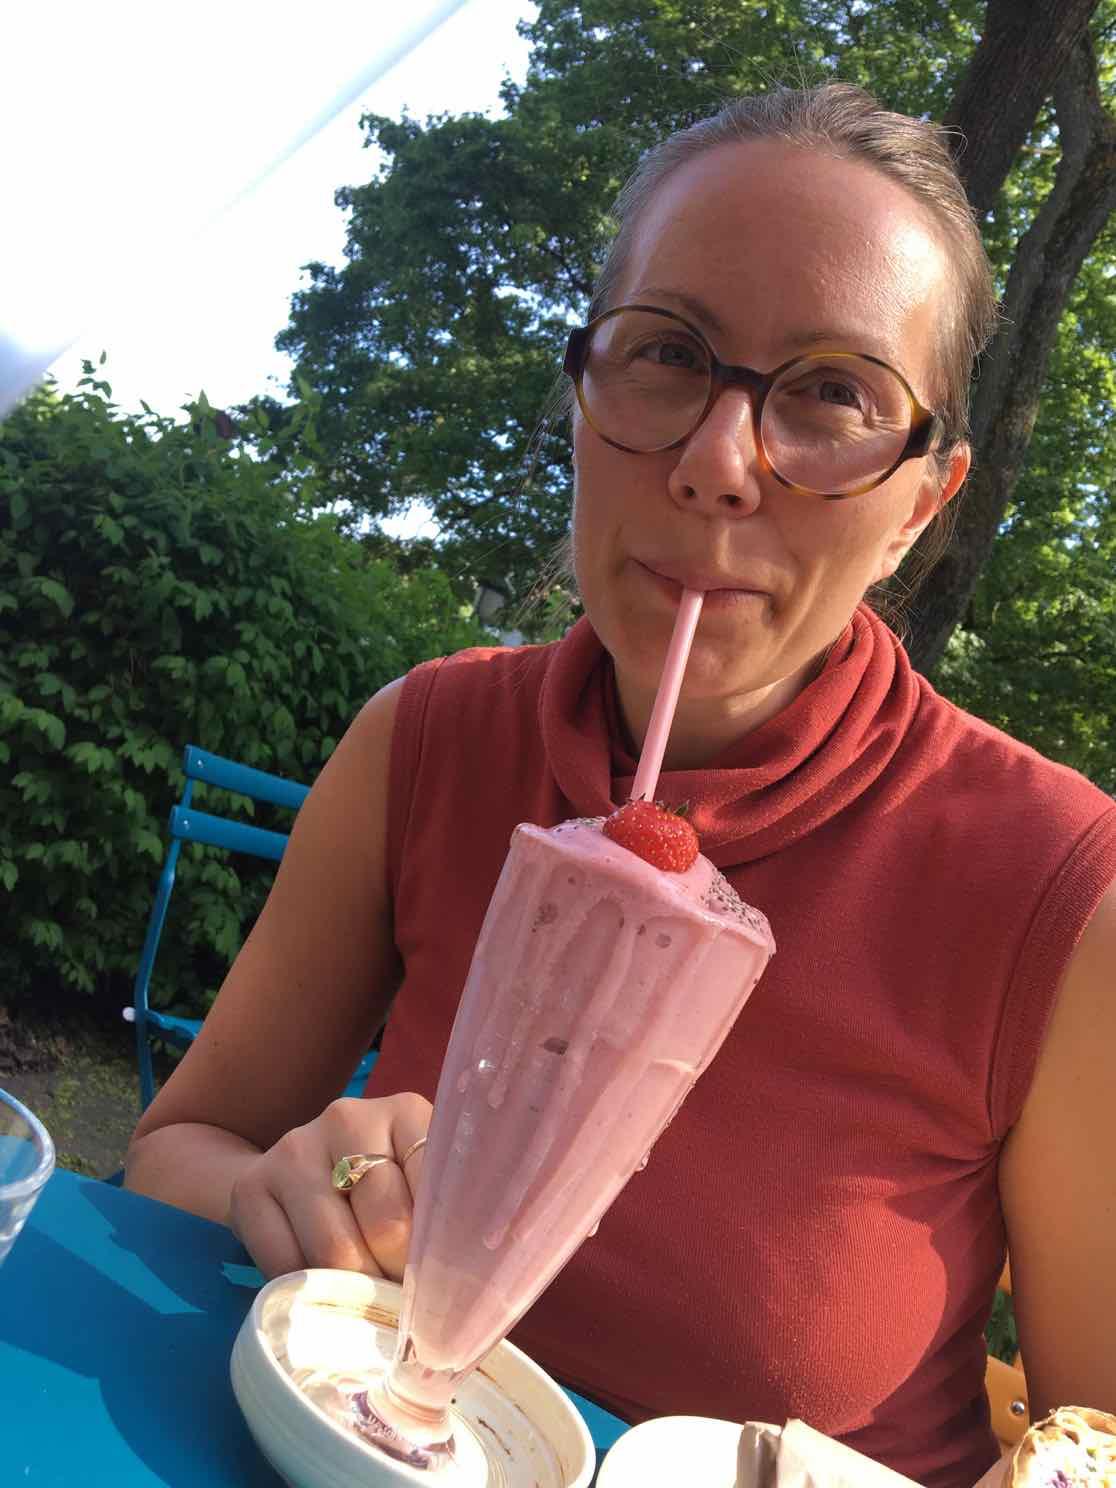 helene-guaker-milkshake-mylk-shake-funky-fresh-foods